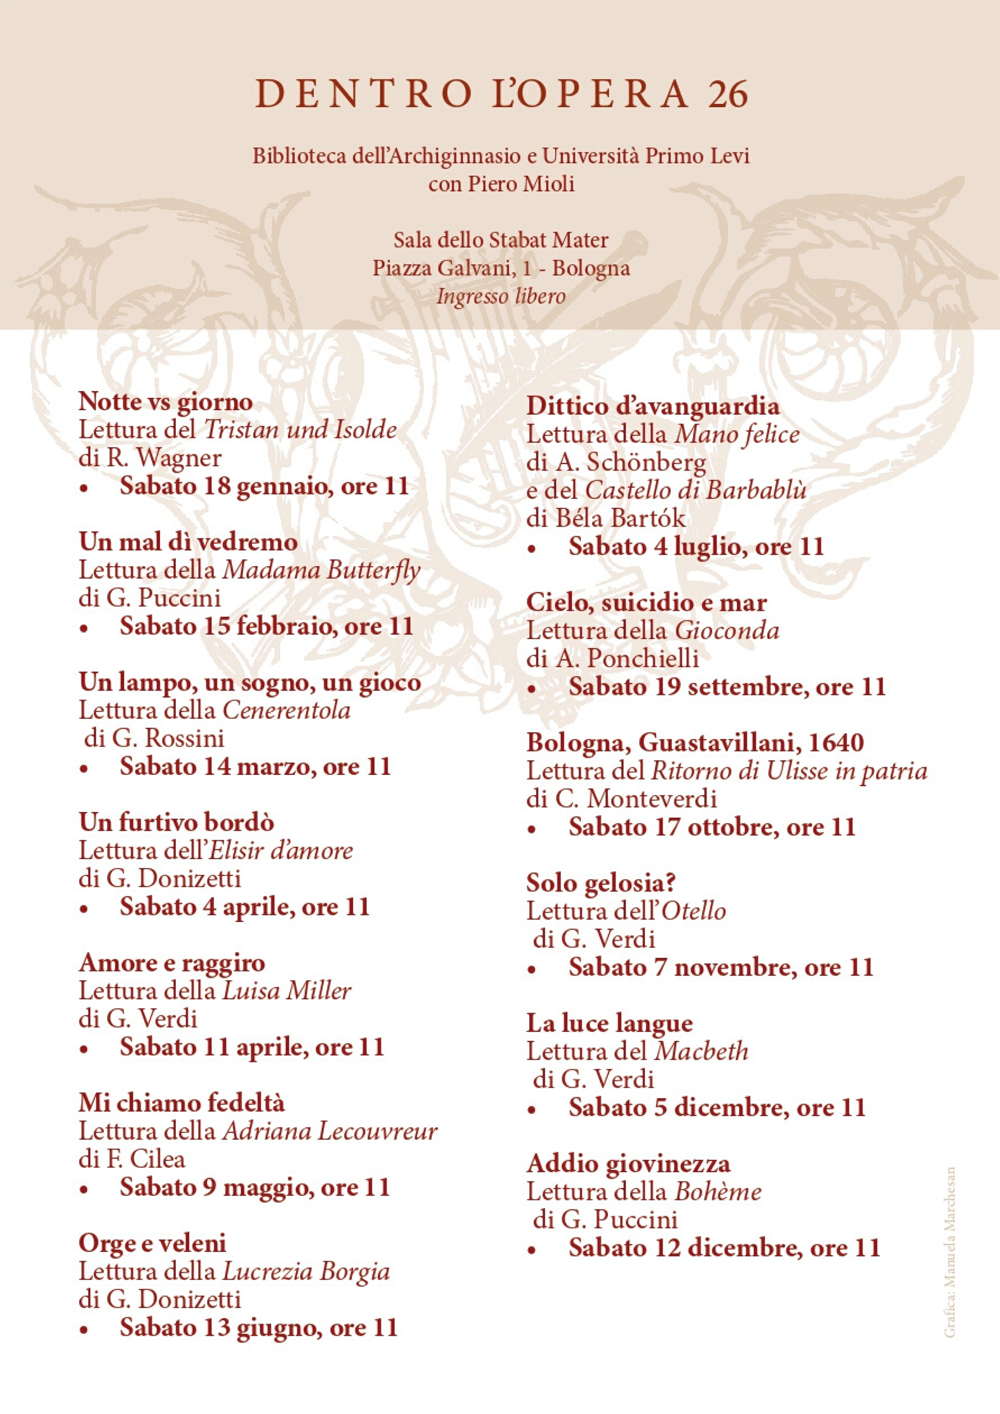 Tutte le date della rassegna Dentro l'opera 26